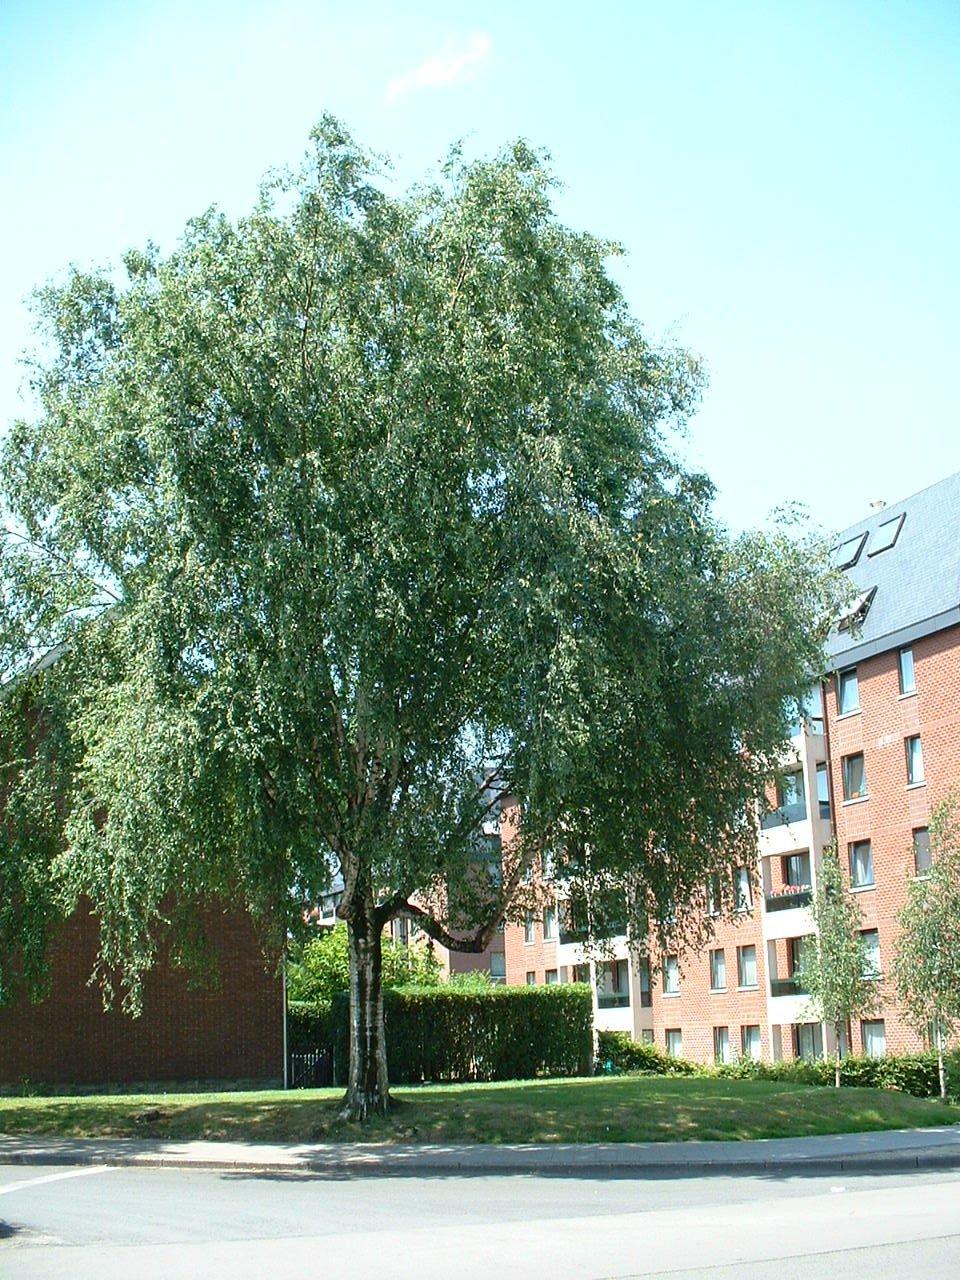 Bouleau verruqueux – Evere, Quartier Tornooiveld, Avenue de l'Optimisme –  17 Juin 2002